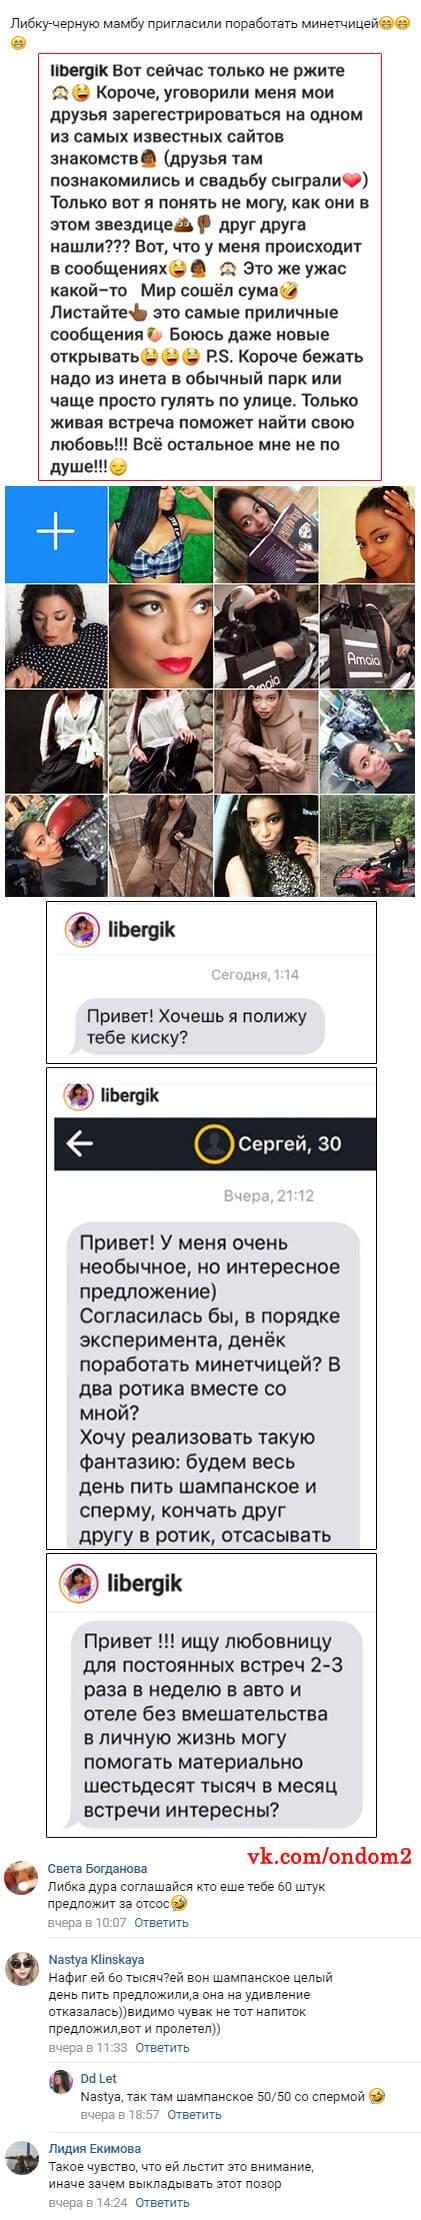 Пост Либерж Кпадону вконтакте